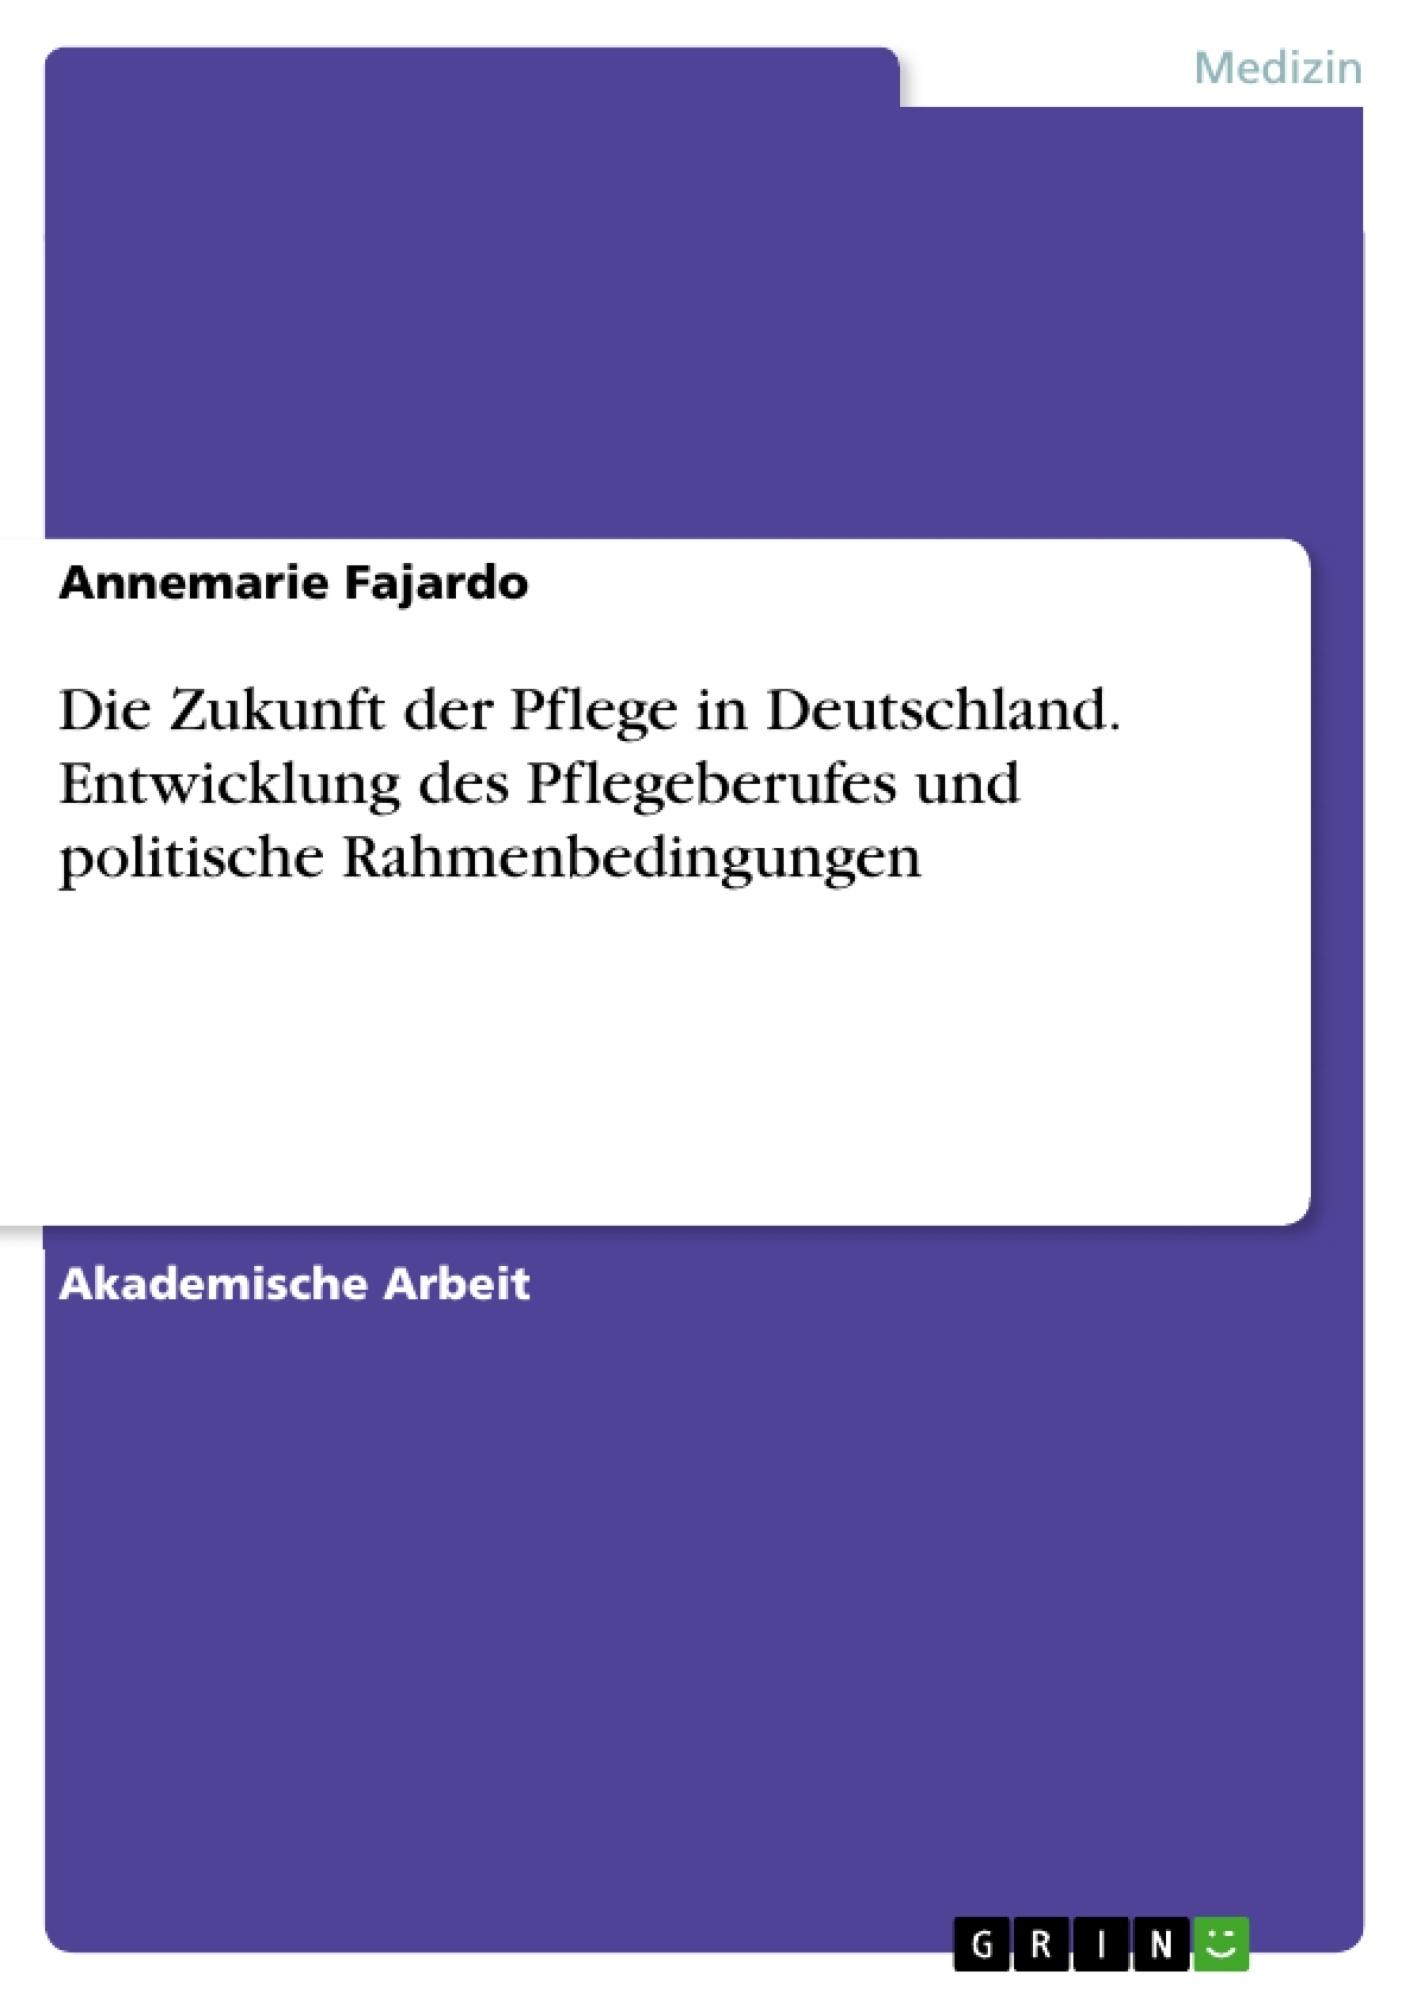 Titel: Die Zukunft der Pflege in Deutschland. Entwicklung des Pflegeberufes und politische Rahmenbedingungen